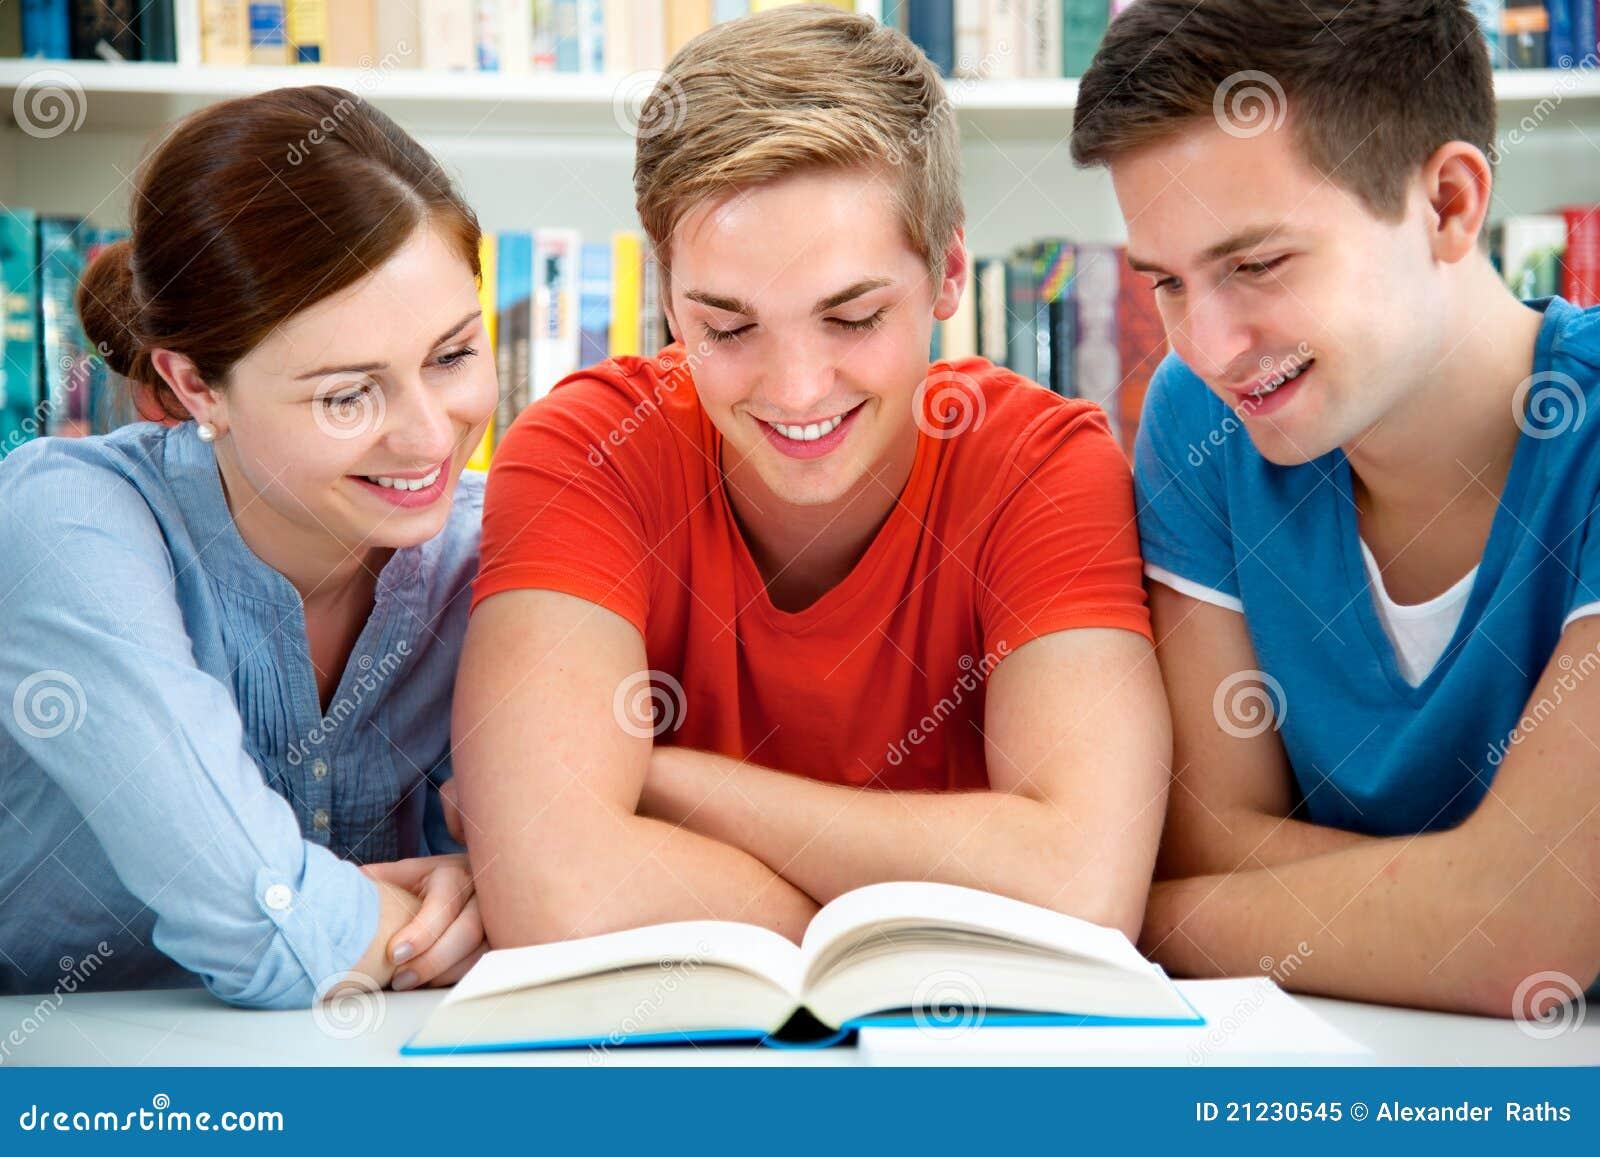 Kursteilnehmer in einer Hochschulbibliothek